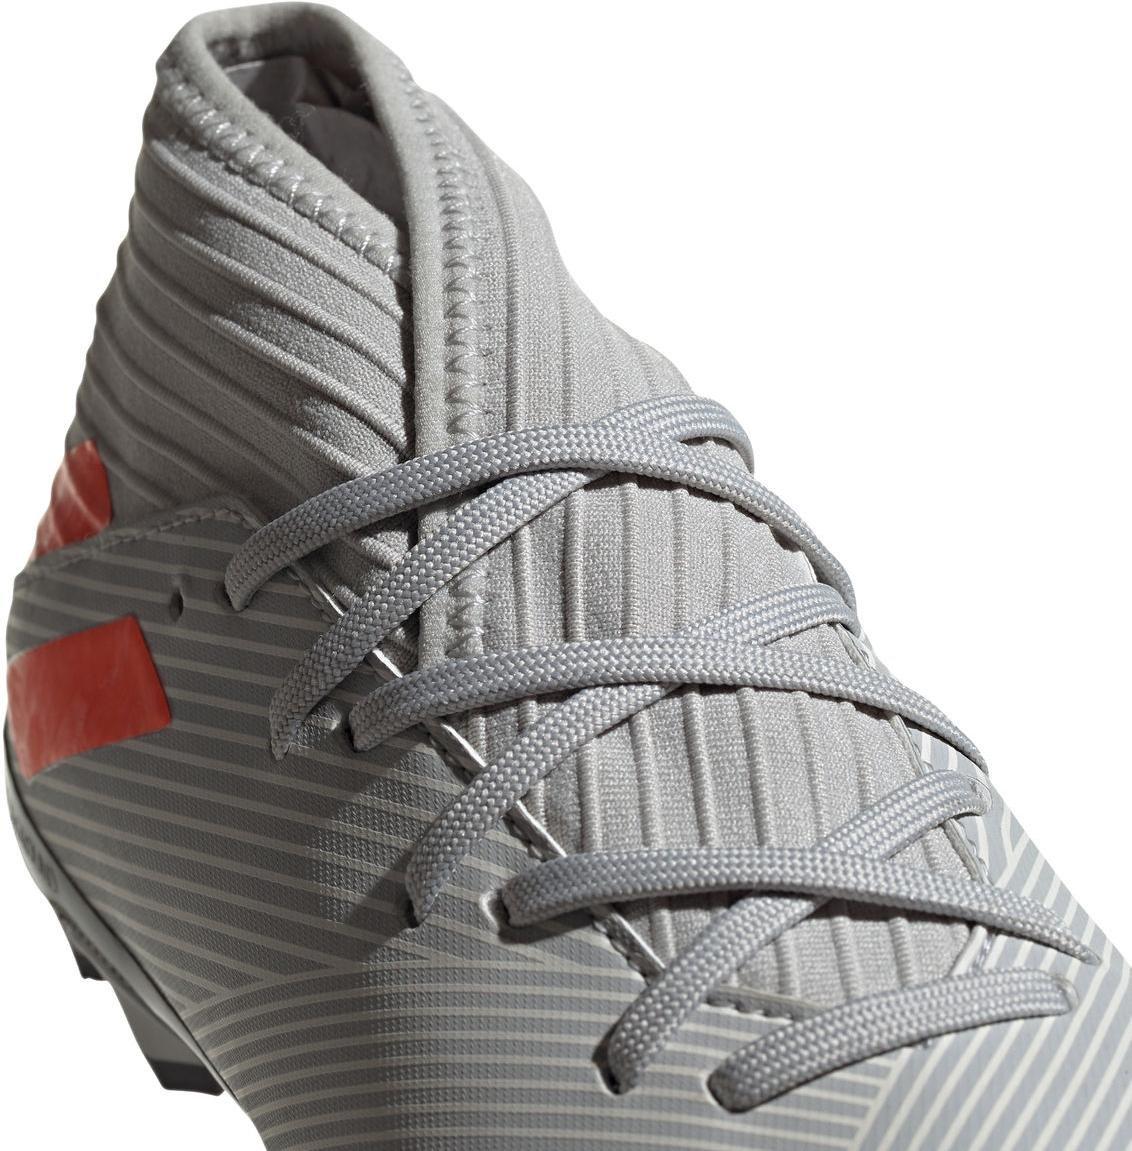 Botas de fútbol adidas NEMEZIZ 19.3 MG J